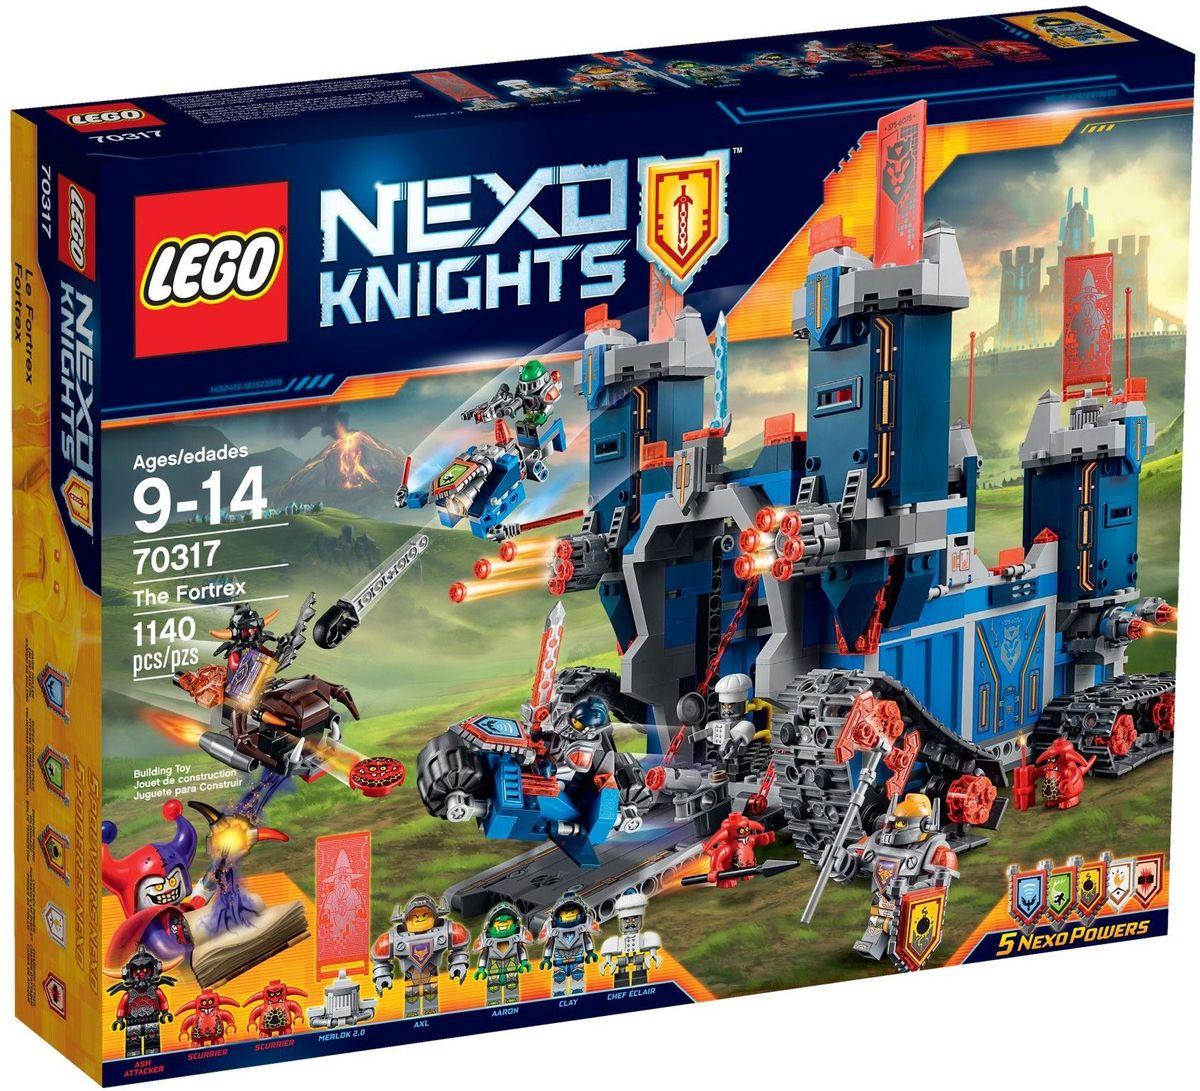 LEGO NEXO KNIGHTS Конструктор Фортрекс мобильная крепость 7031770317Когда Джестро угрожает Найтонии, рыцари LEGO NEXO KNIGHTS встают на защиту королевства! Отправьте в бой Фортрекс, огромную мобильную крепость 2 в 1! Захватите в плен Пеплометателя и Шустриков с помощью рыцарского мотоцикла и Аэромолота V1! Штаб рыцарей, оснащенный по последнему слову техники, находится за раскладными стенами. Получите указания и составьте план следующей миссии за круглым столом - вместе вы сможете остановить Джестро и не дать ему завладеть Книгой Зла! В набор входят 5 щитов для сканирования, дающих Nexo Силы: Сила земли, Сверхскорость, Клич Ястреба, Куриная Атака и Электрическая Атака. Набор включает в себя 1140 разноцветных пластиковых элементов. Конструктор станет замечательным сюрпризом вашему ребенку, который будет способствовать развитию мелкой моторики рук, внимательности, усидчивости и мышления. Играя с конструктором, ребенок научится собирать детали по образцу, проводить время с пользой и удовольствием.